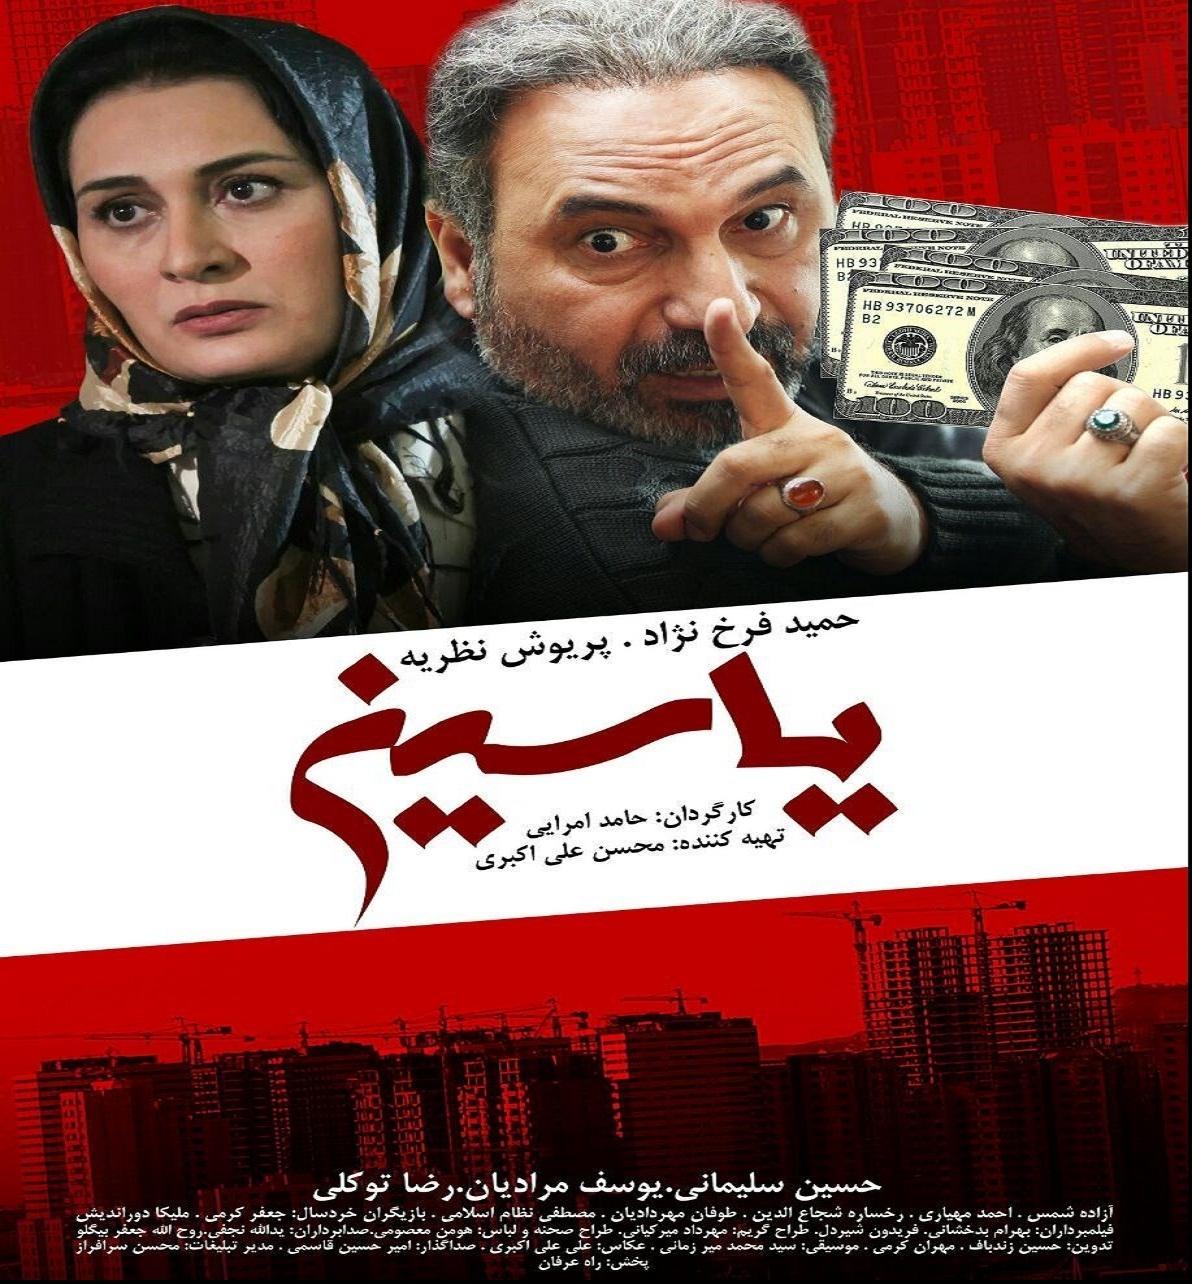 دانلود رایگان فیلم ایرانی یاسین با لینک مستقیم و کیفیت عالی